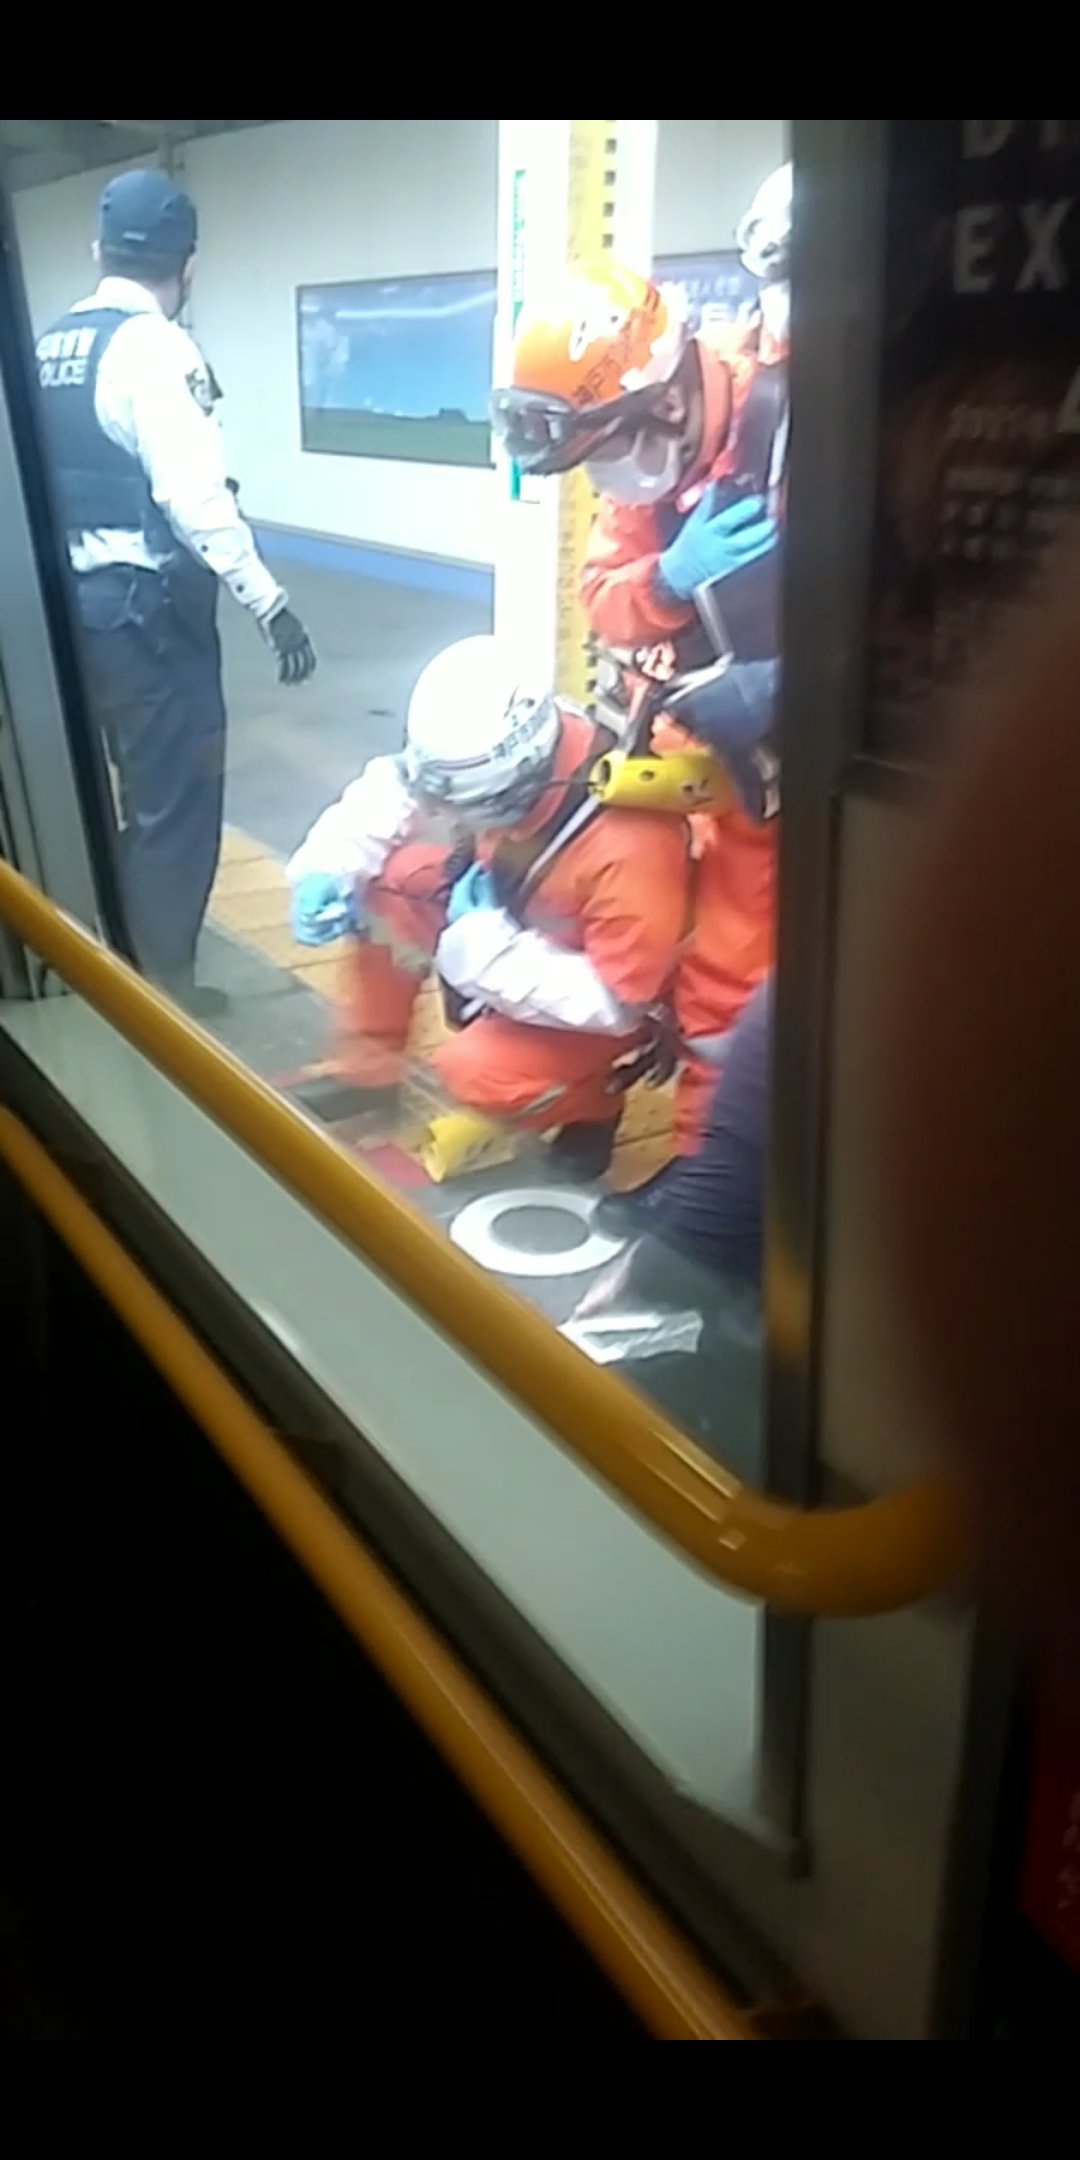 神戸線の新長田駅の人身事故の現場の画像